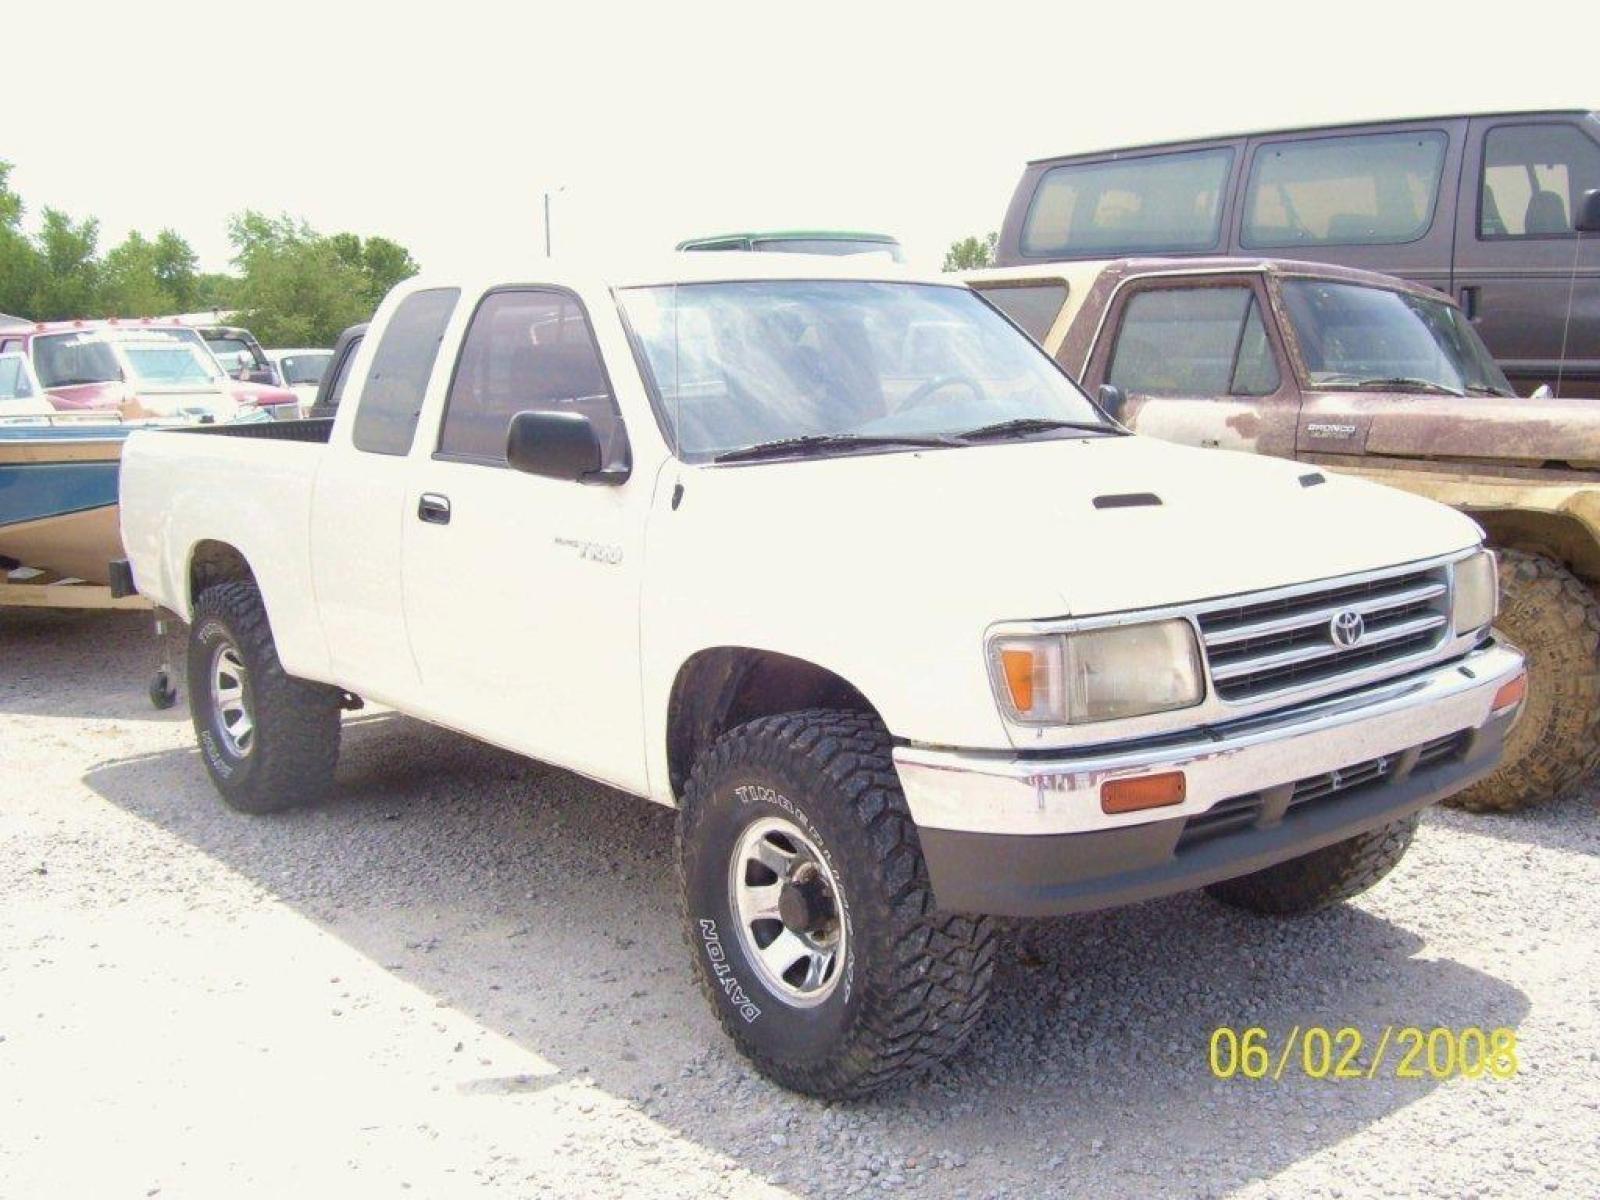 800 1024 1280 1600 origin 1995 Toyota T100 ...